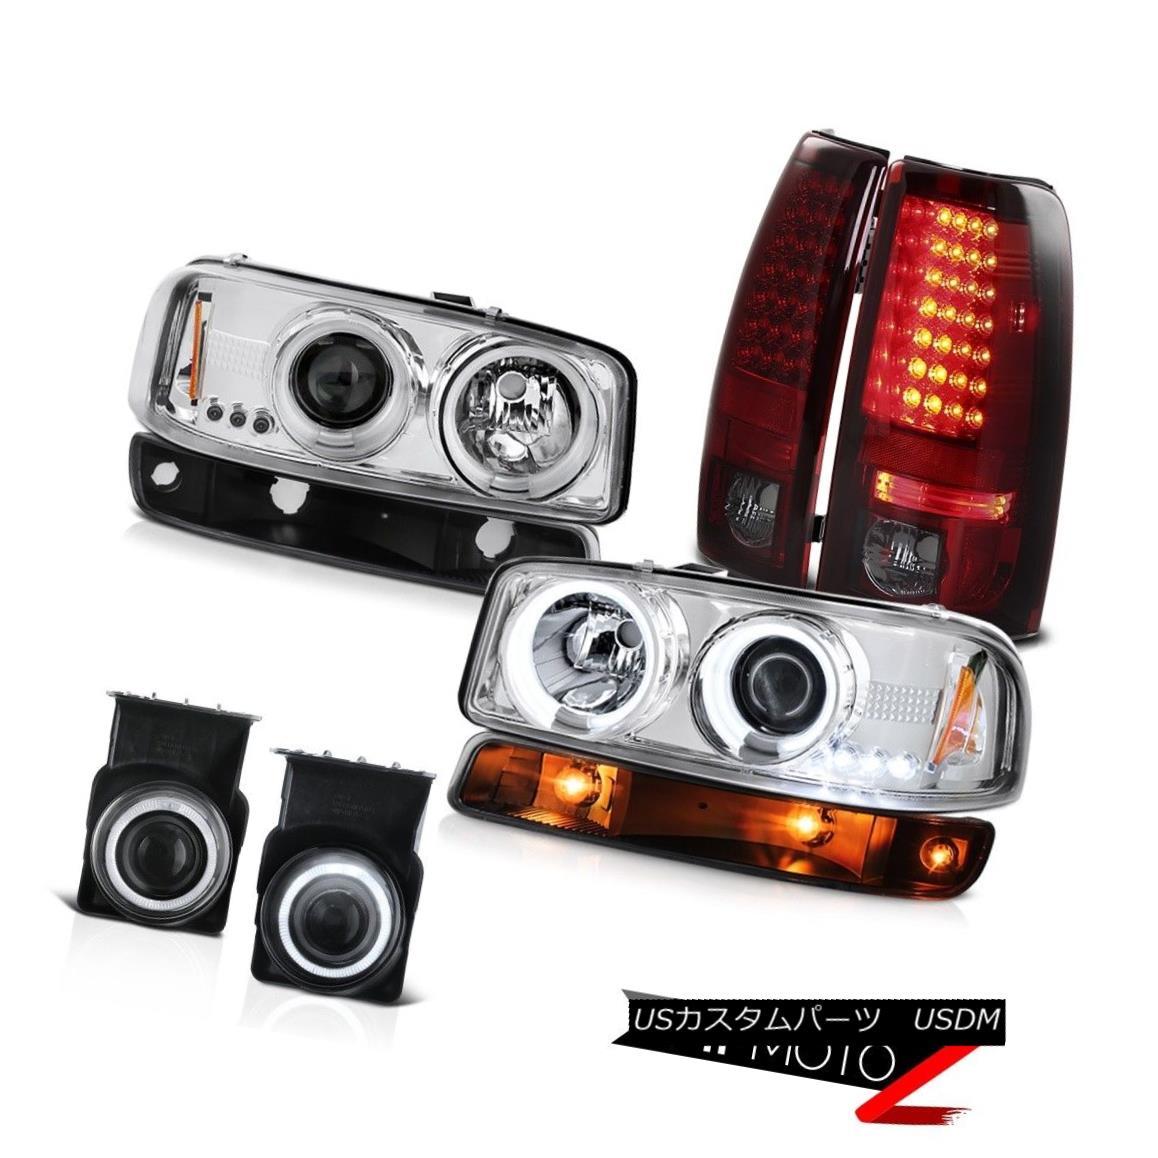 テールライト 03-06 Sierra SLE Foglamps led taillamps signal light ccfl headlights Projector 03-06 Sierra SLE Foglampsはテールランプ信号ライトccflヘッドライトプロジェクターを導いた